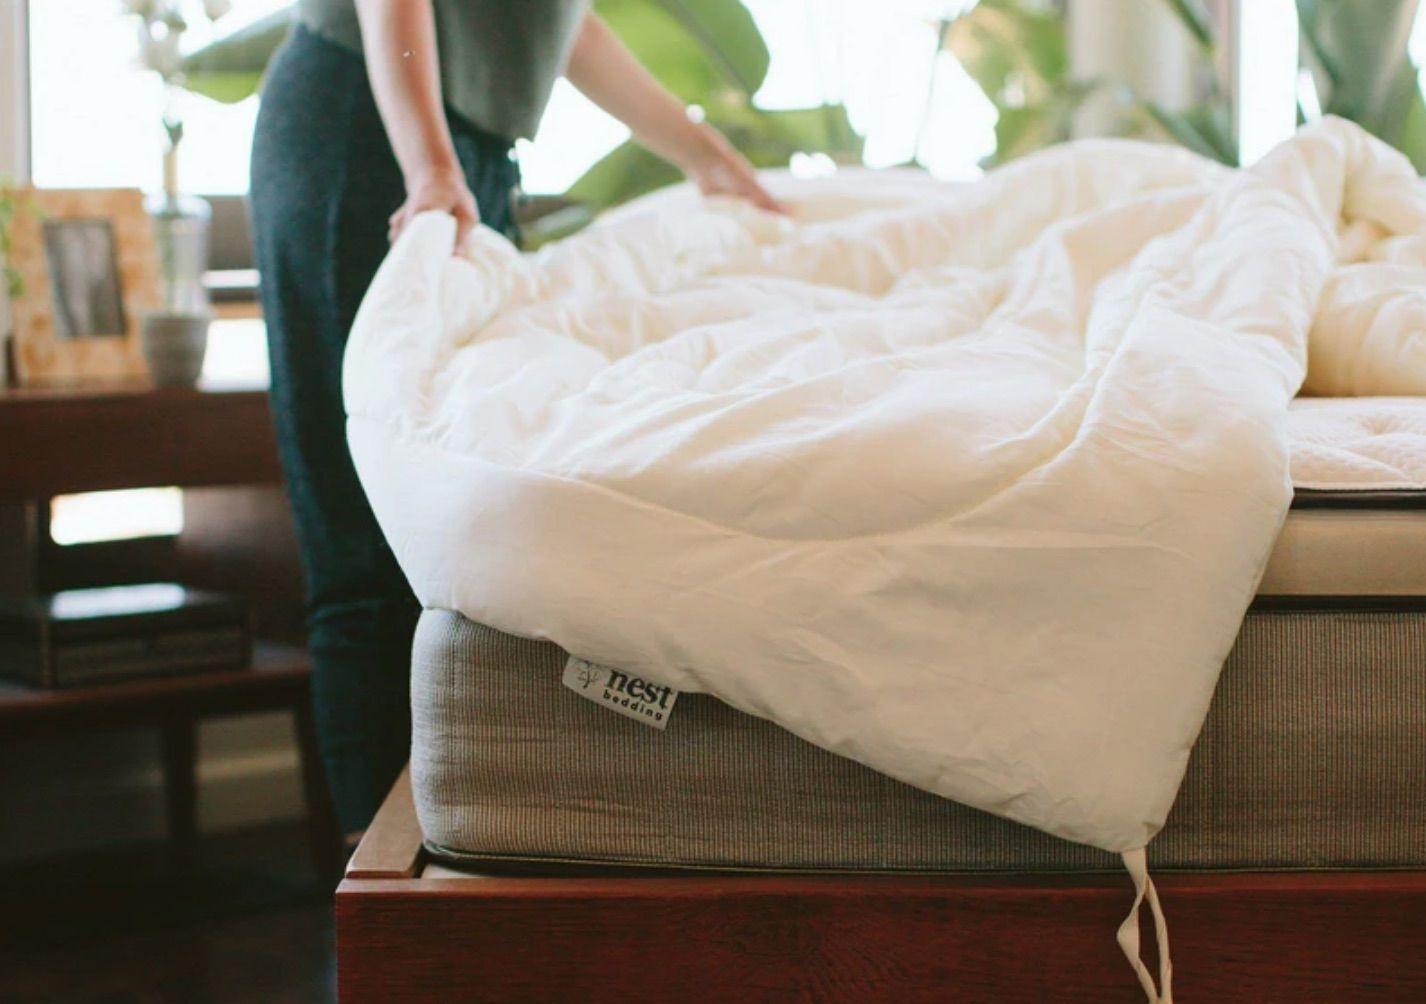 Girl adjusting the bed sheet